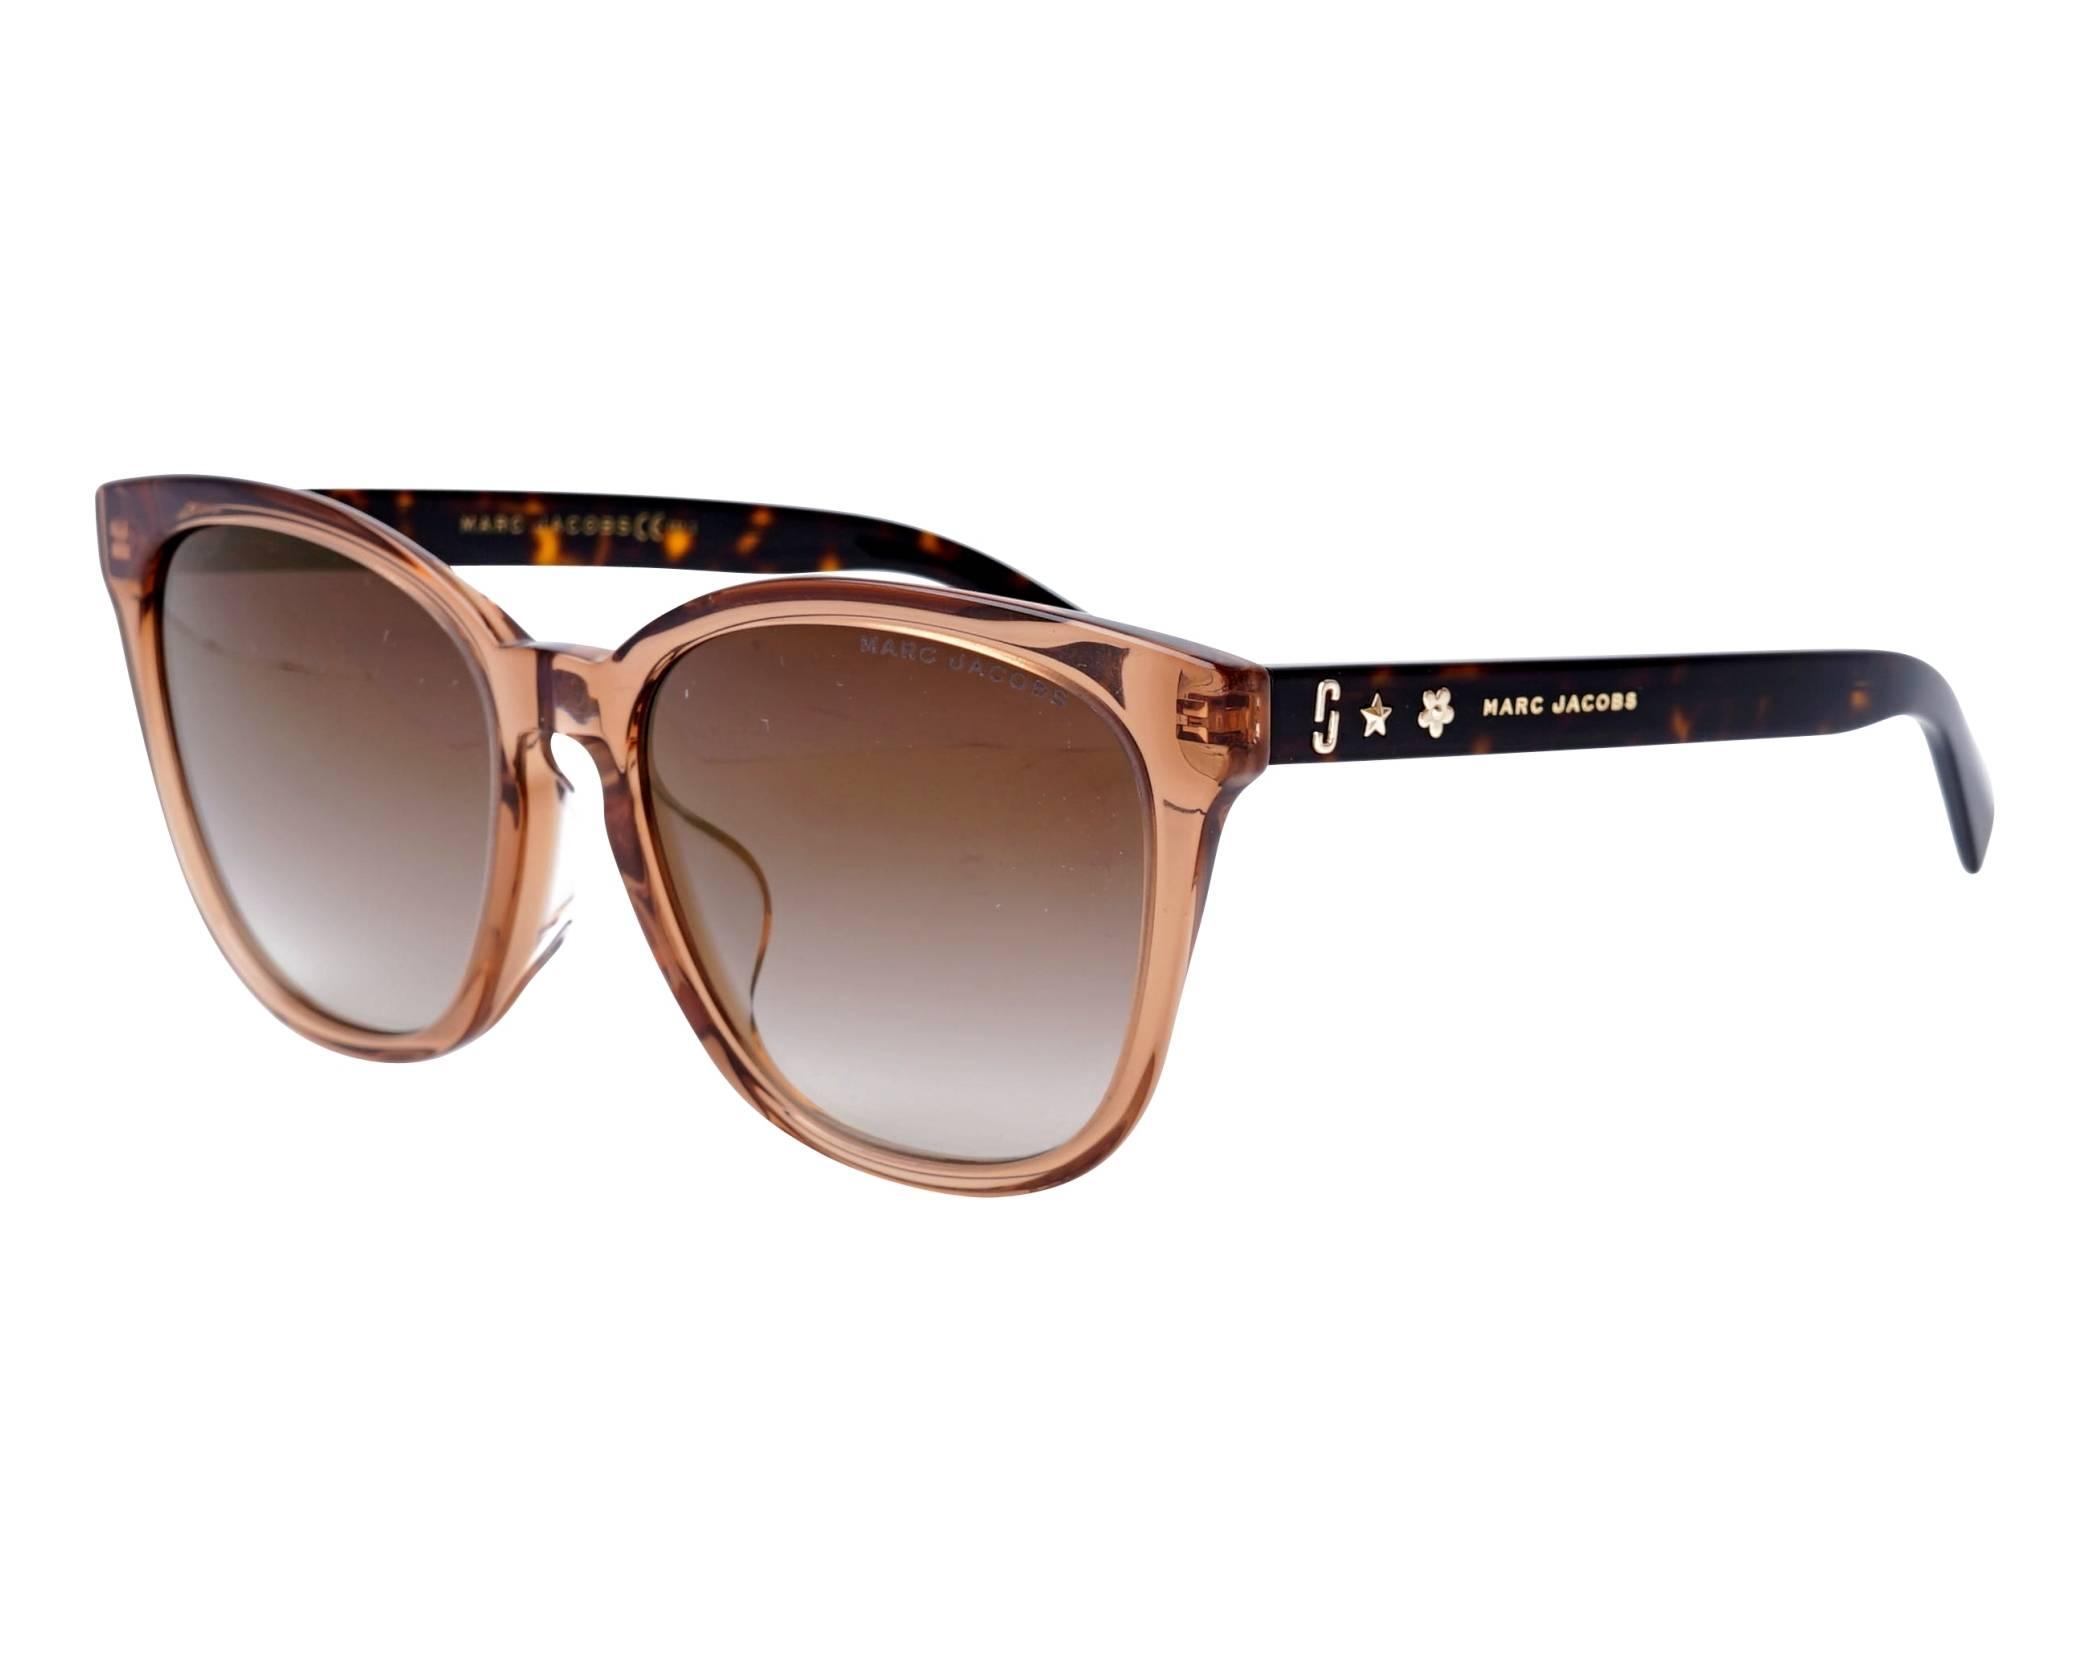 Sunglasses Marc Jacobs MARC-345-F-S 086JL 55-17 Brown Havana profile view a50bcfc7834